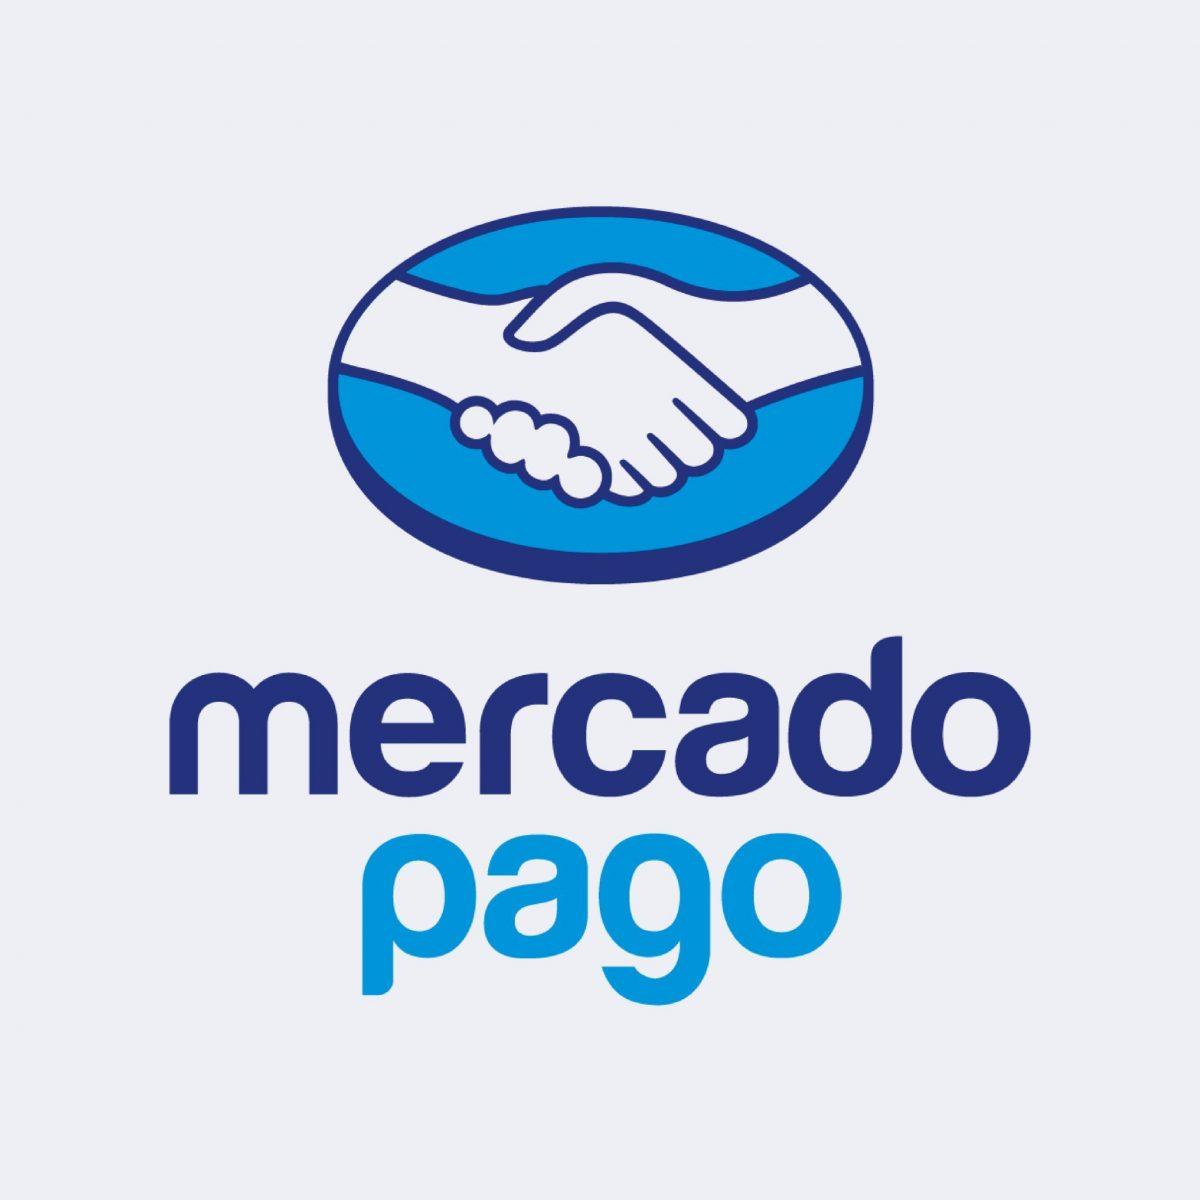 - Mercadopago 1200x1200 - Integración Módulo de Pago MercadoPago